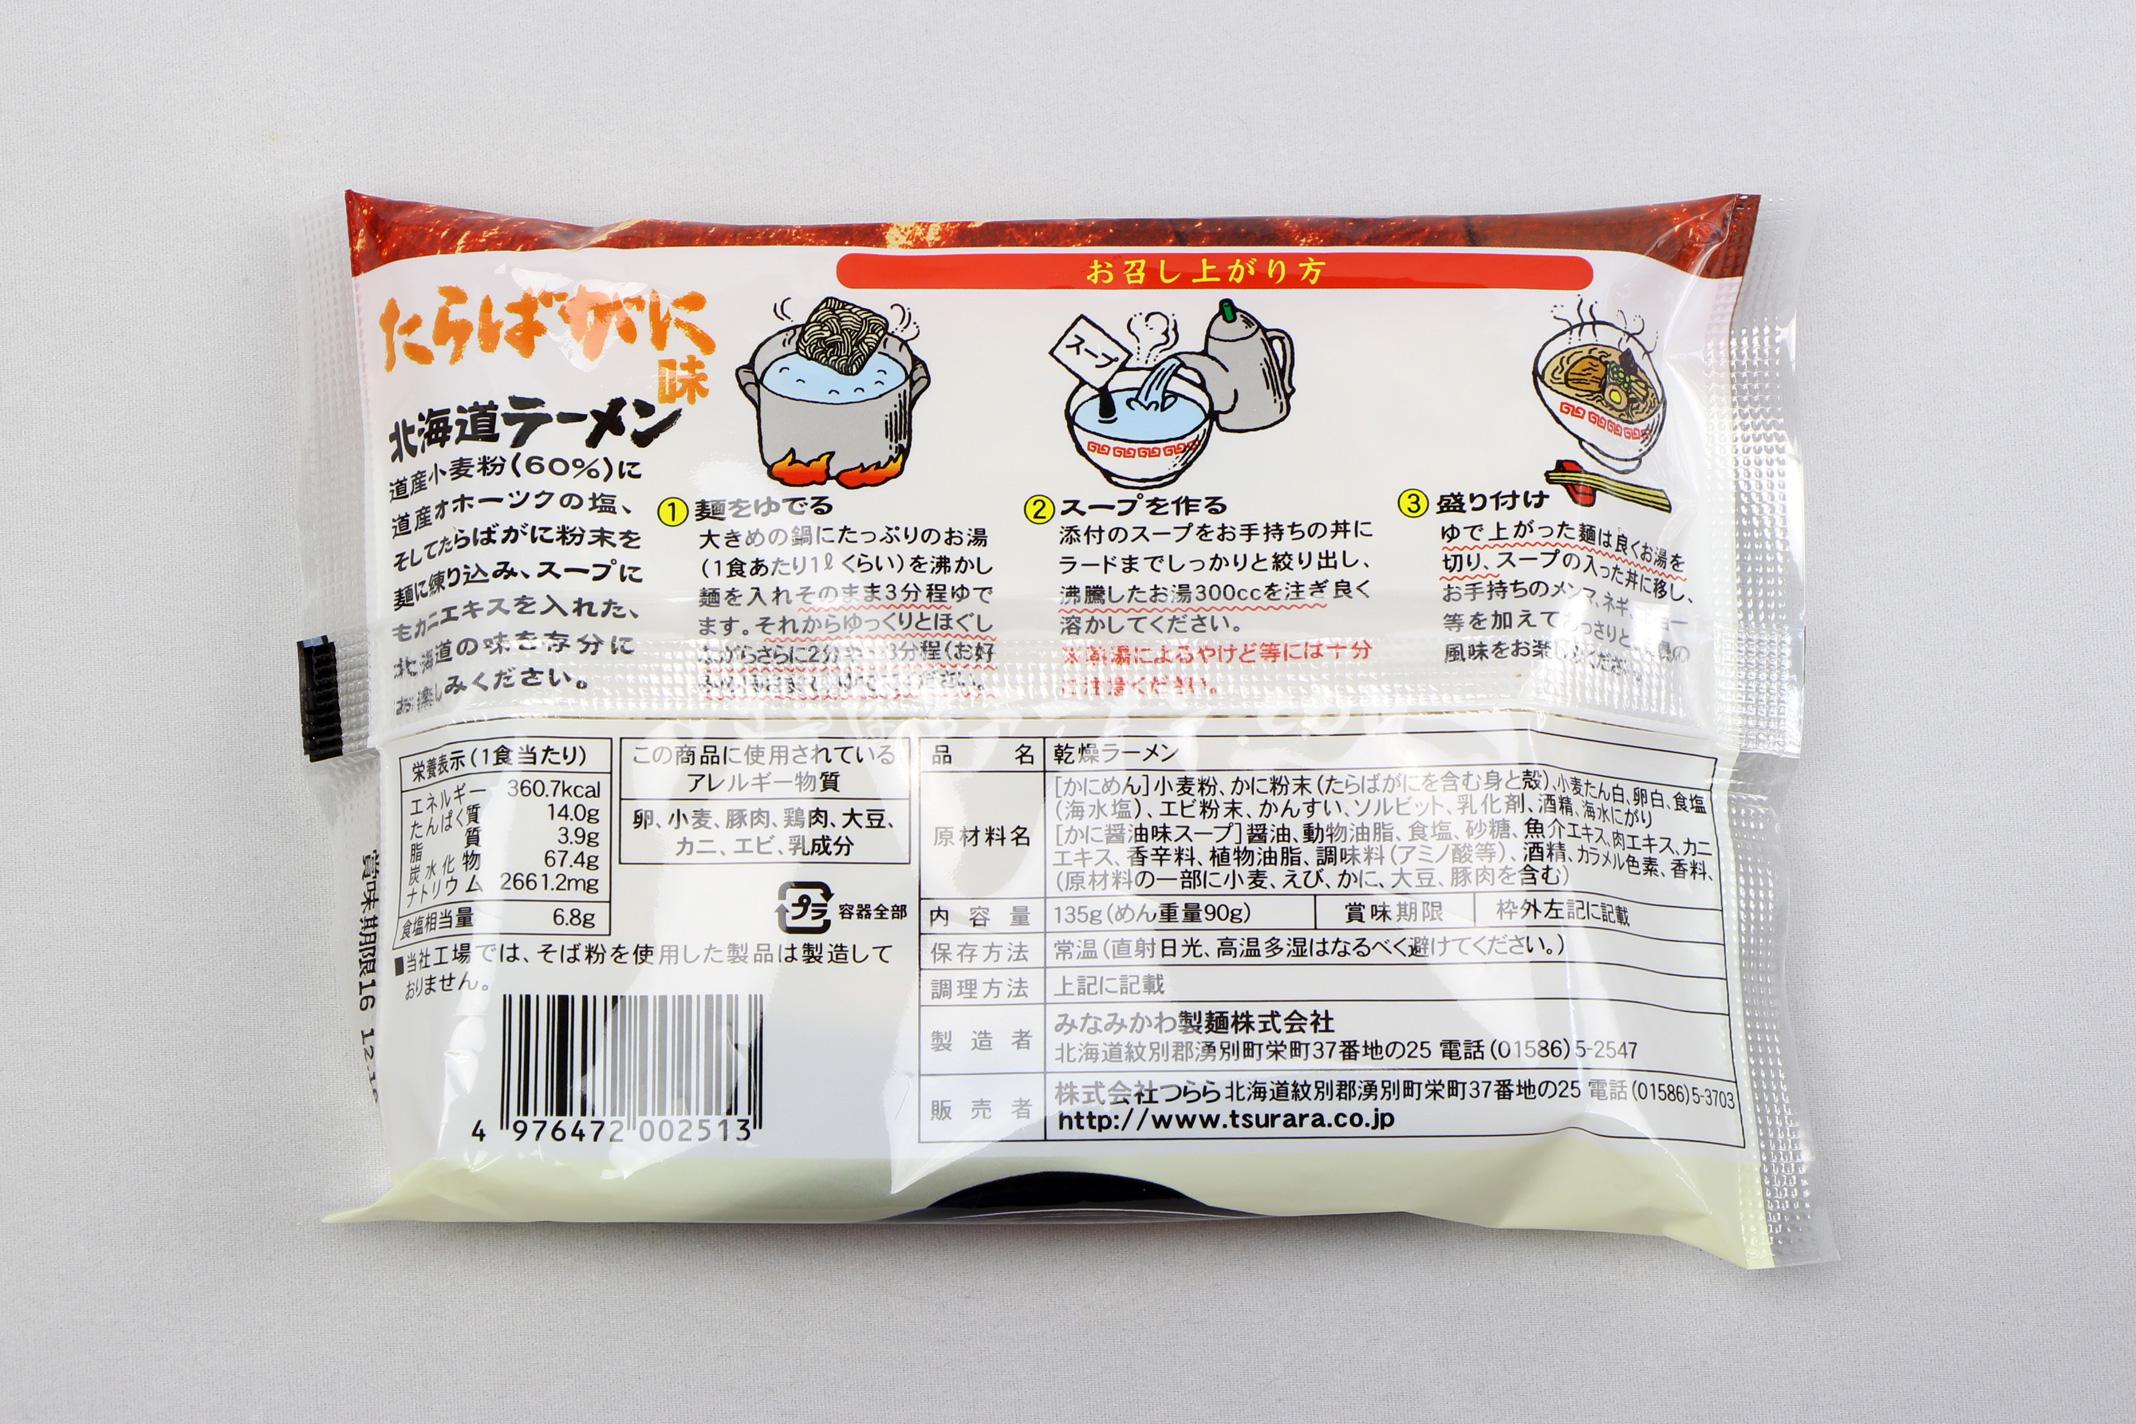 「新・たらばがに北海道ラーメン しょうゆ味」(つらら)のパッケージ(裏)